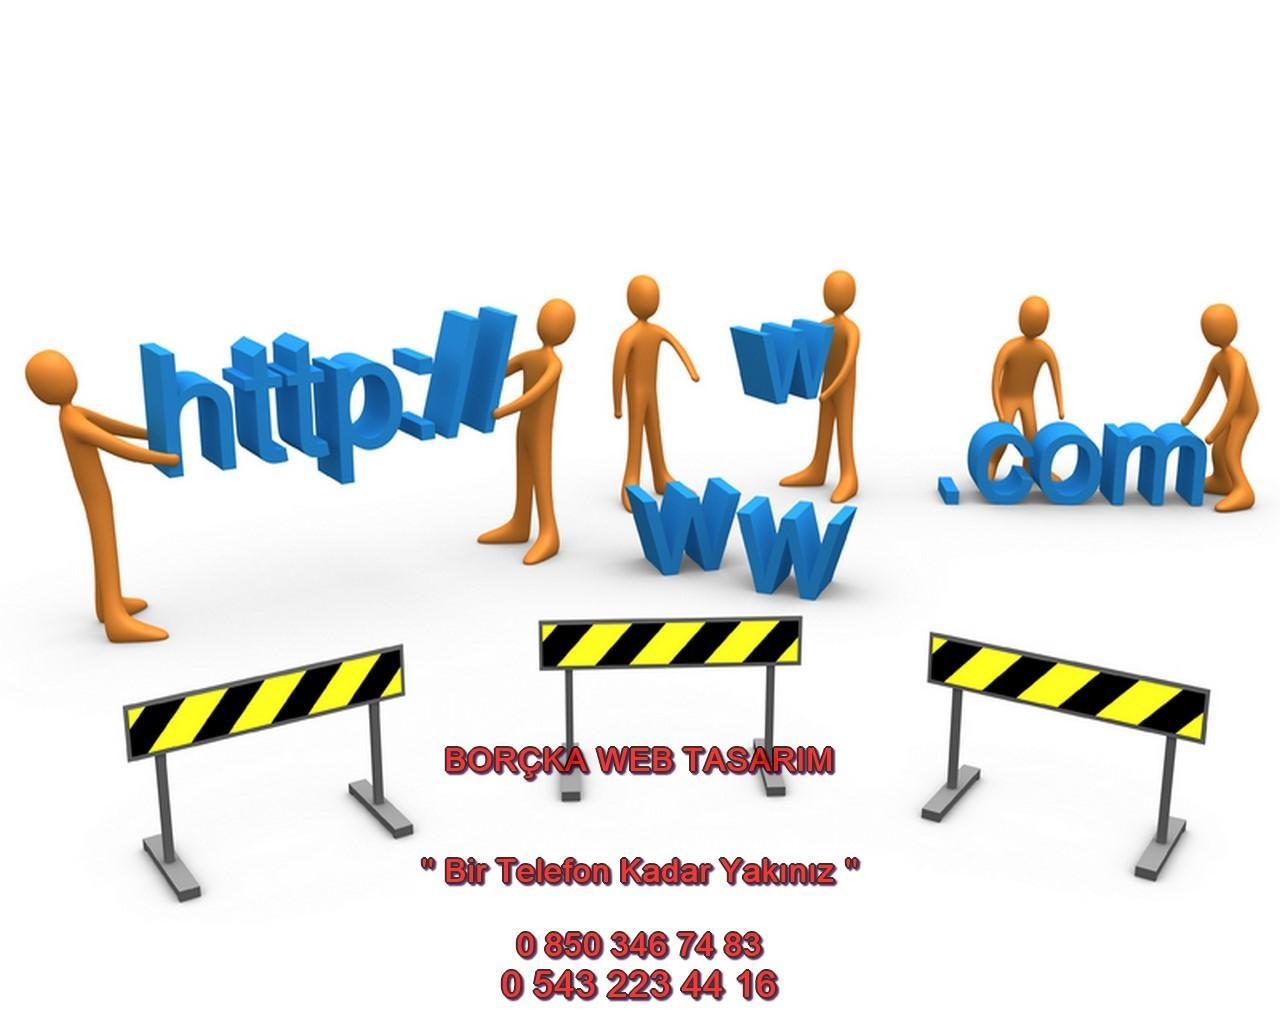 Borçka Web Tasarım